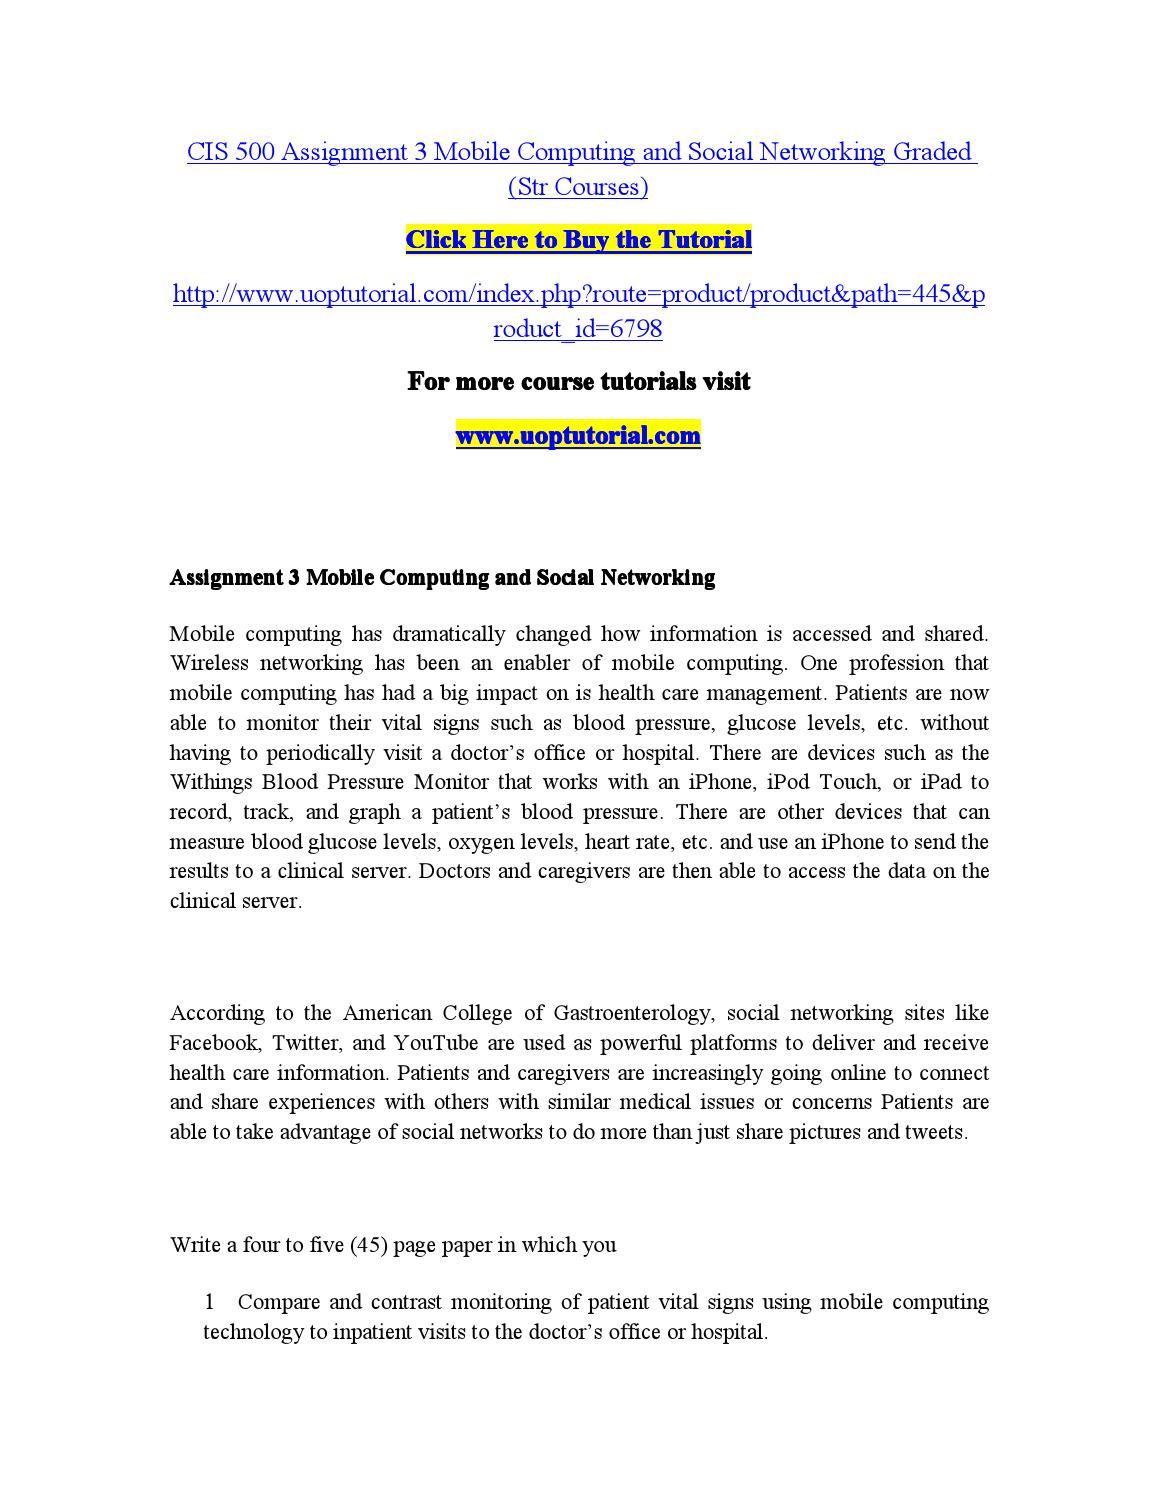 002 Essay Example Essayer Conjugaison Page 1 Shocking à L'imparfait Larousse Imparfait Full